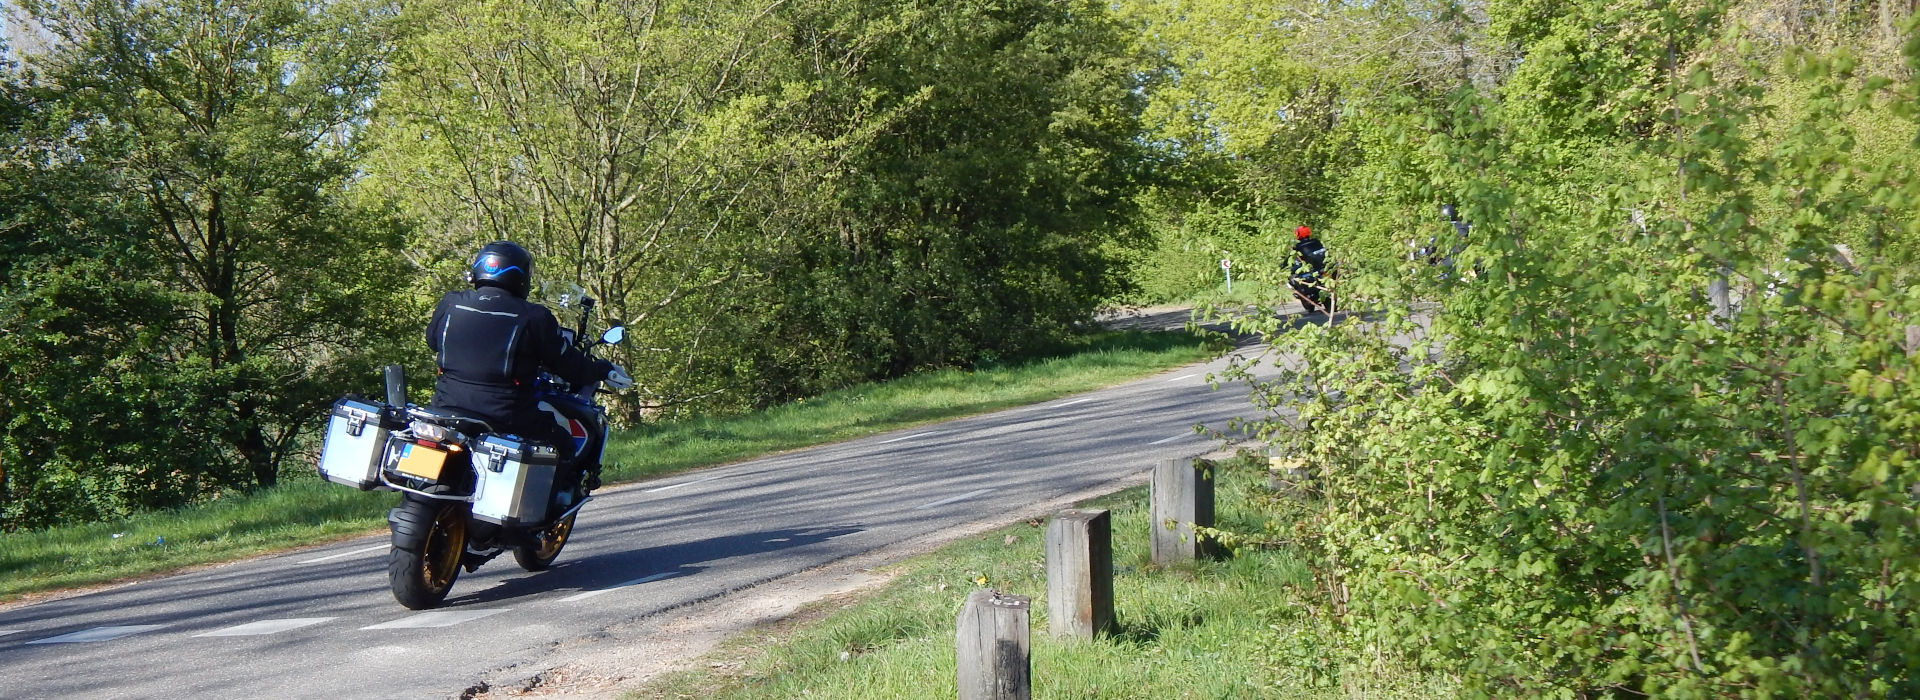 Motorrijbewijspoint Zeilberg snel motorrijbewijs halen